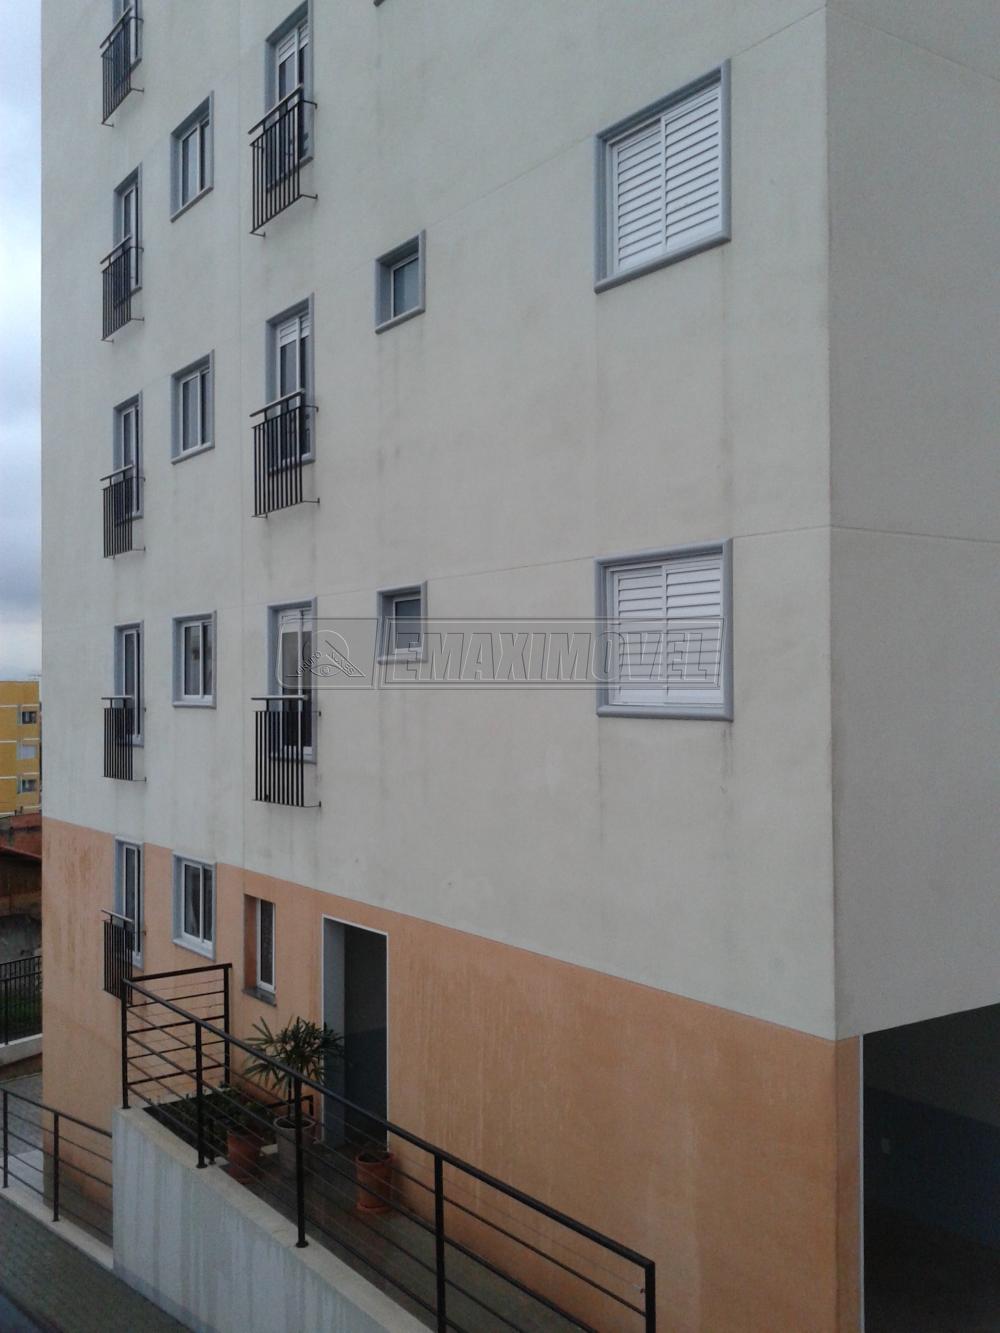 Comprar Apartamento / Padrão em Sorocaba R$ 167.000,00 - Foto 1